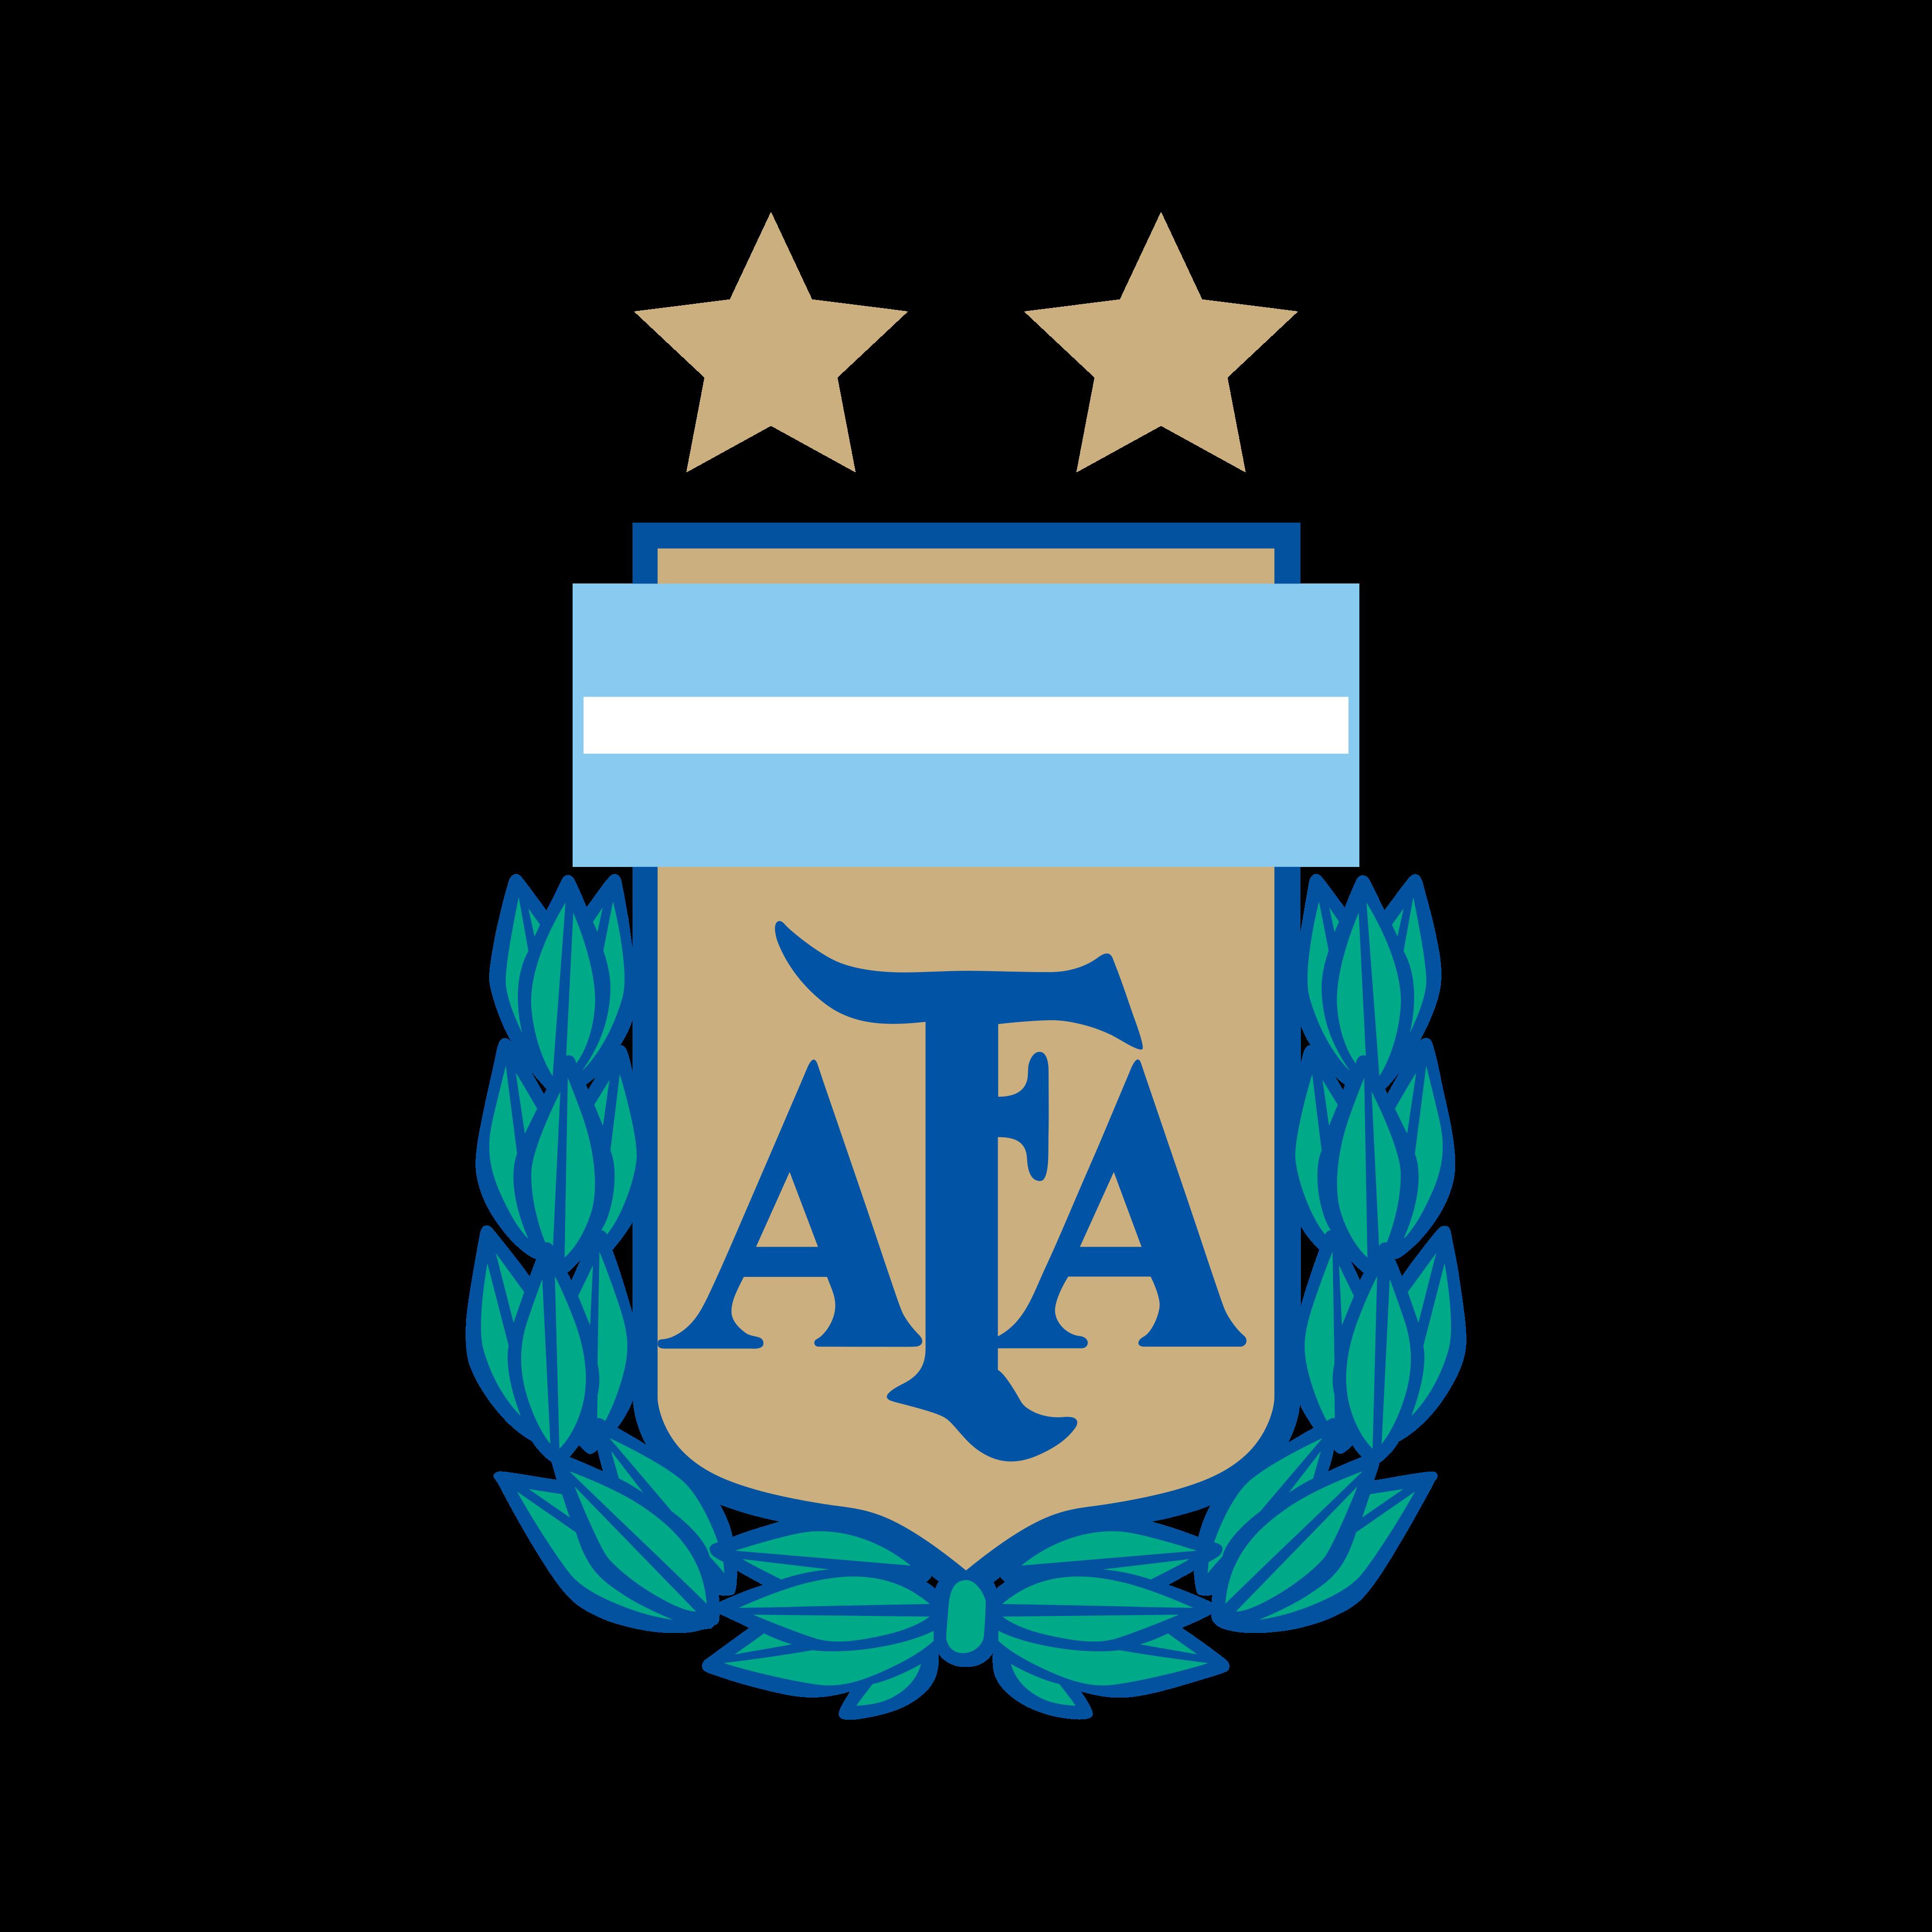 afa seleccion argentina futbol logo 0 - AFA - Selección Argentina Logo